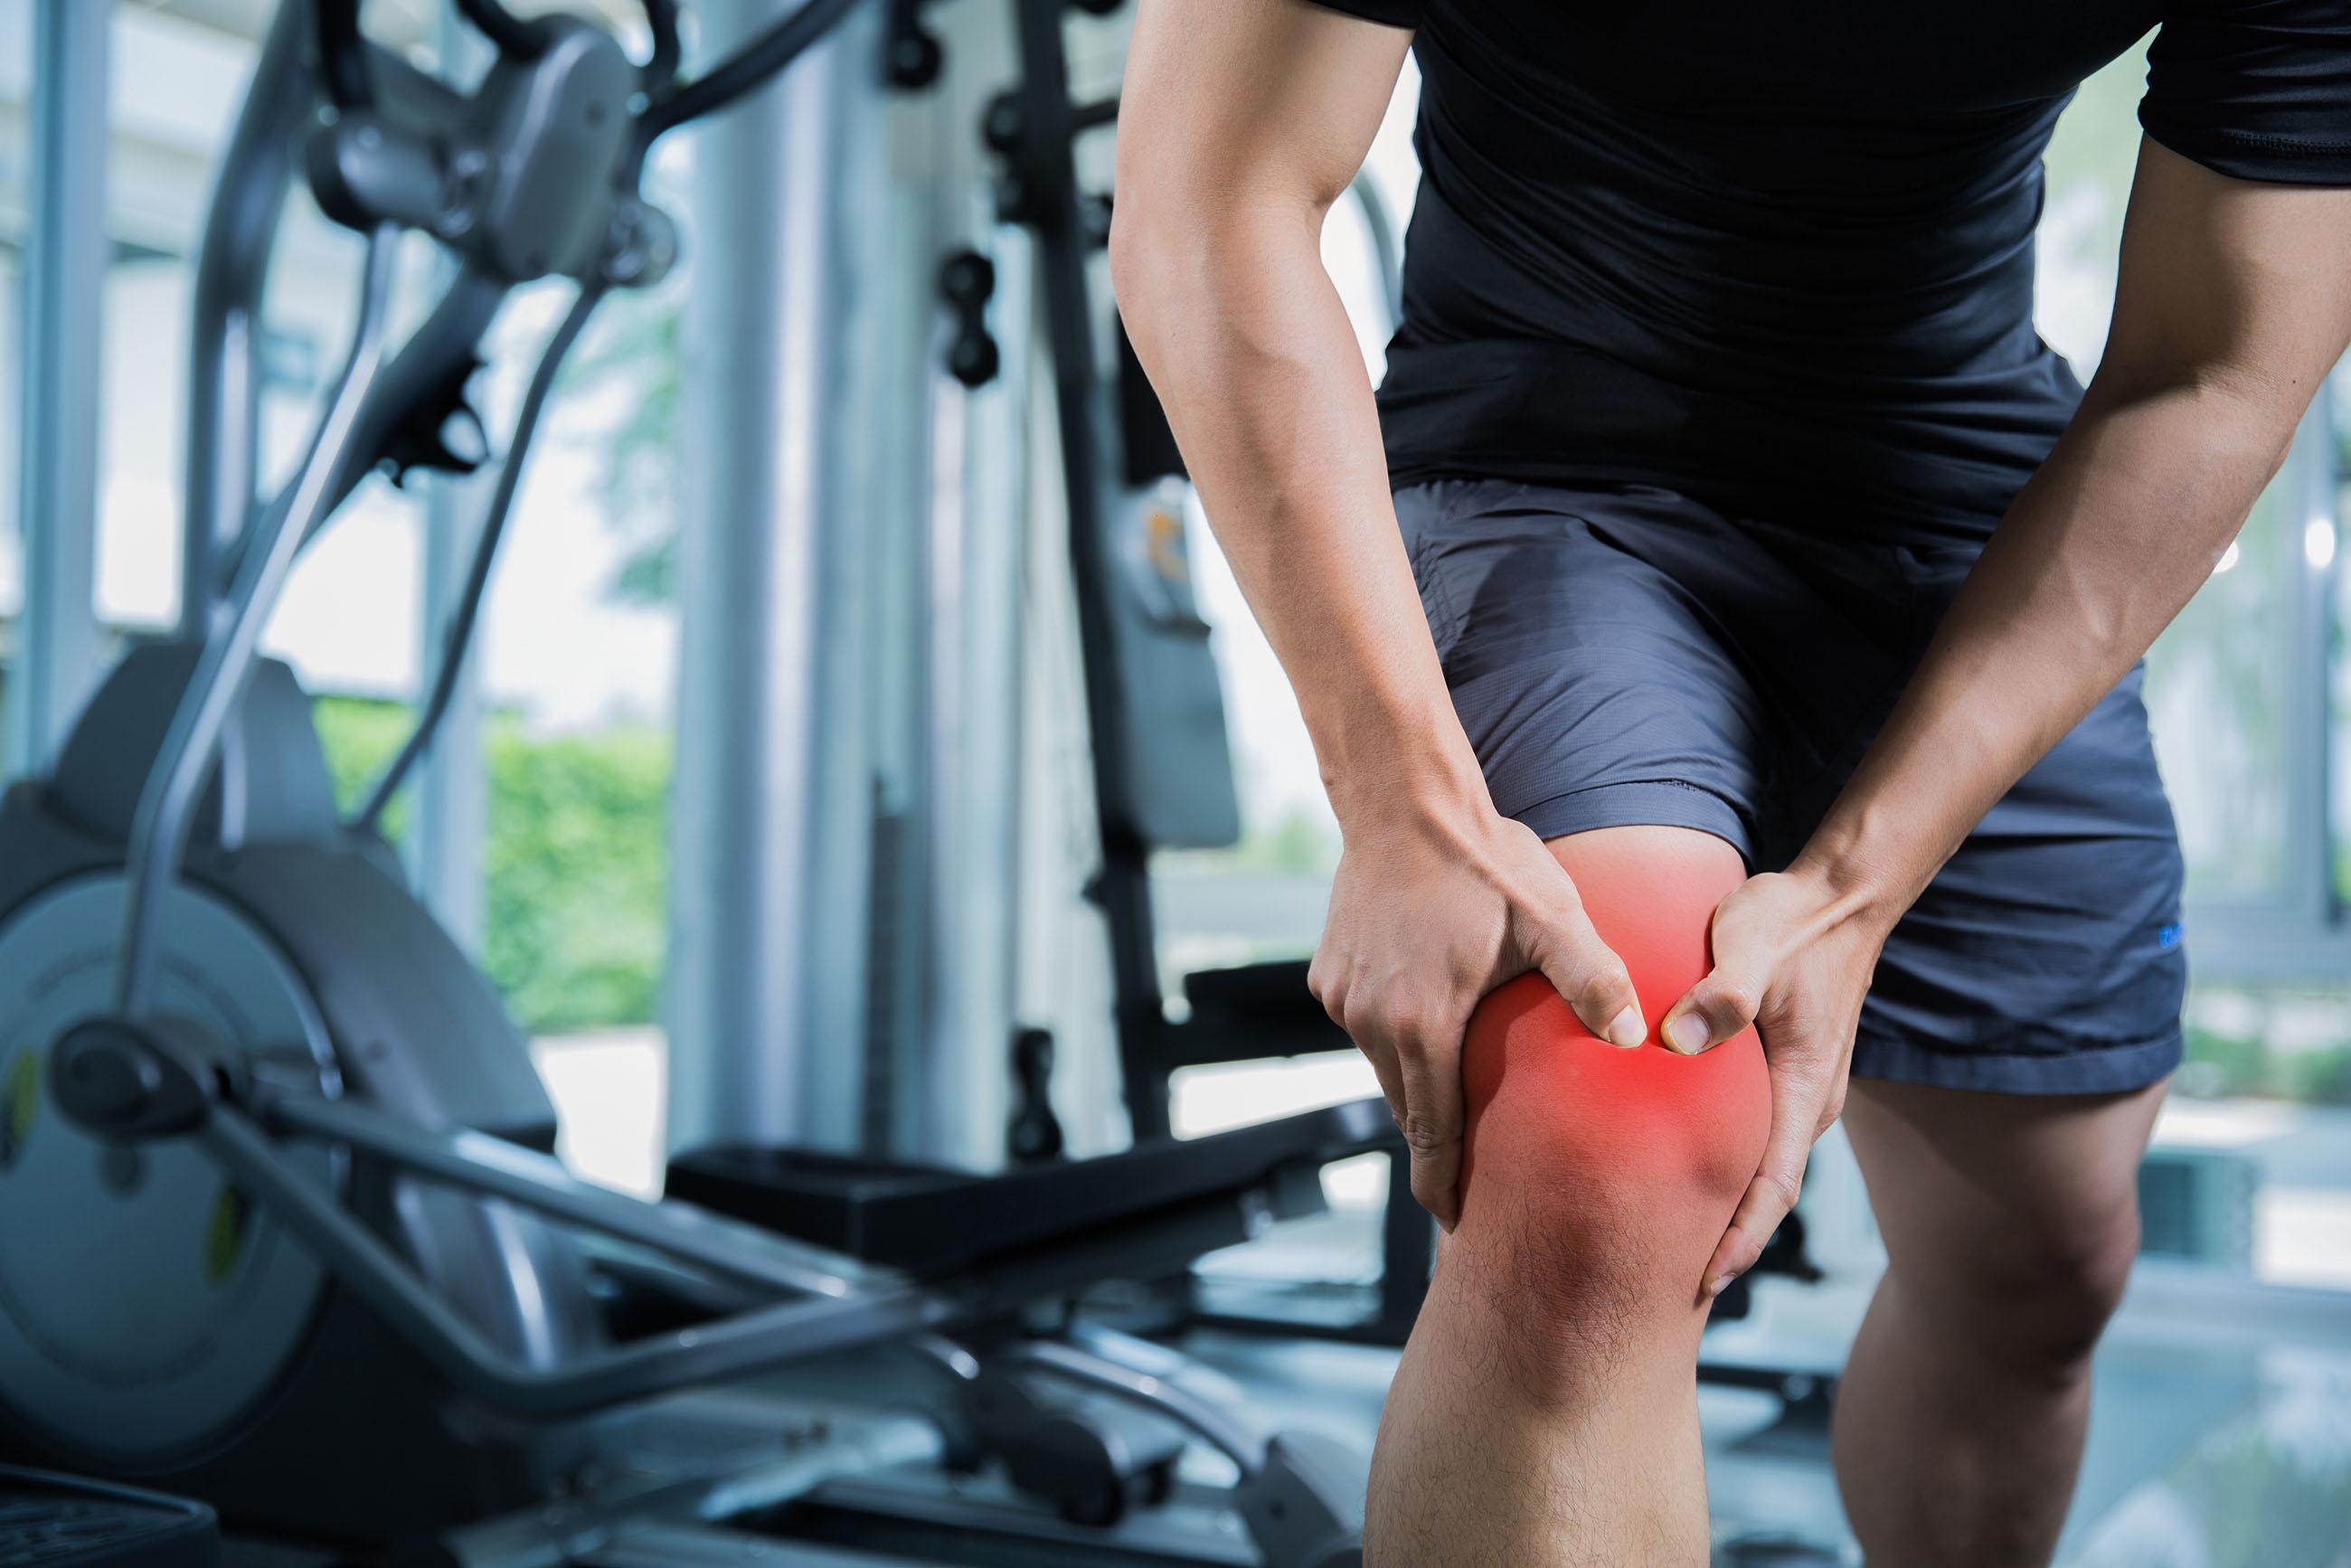 La fotografía muestra la parte inferior del cuerpo de un hombre en un gimnasio. La rodilla del hombre está roja y se la está sujetando con las dos manos.